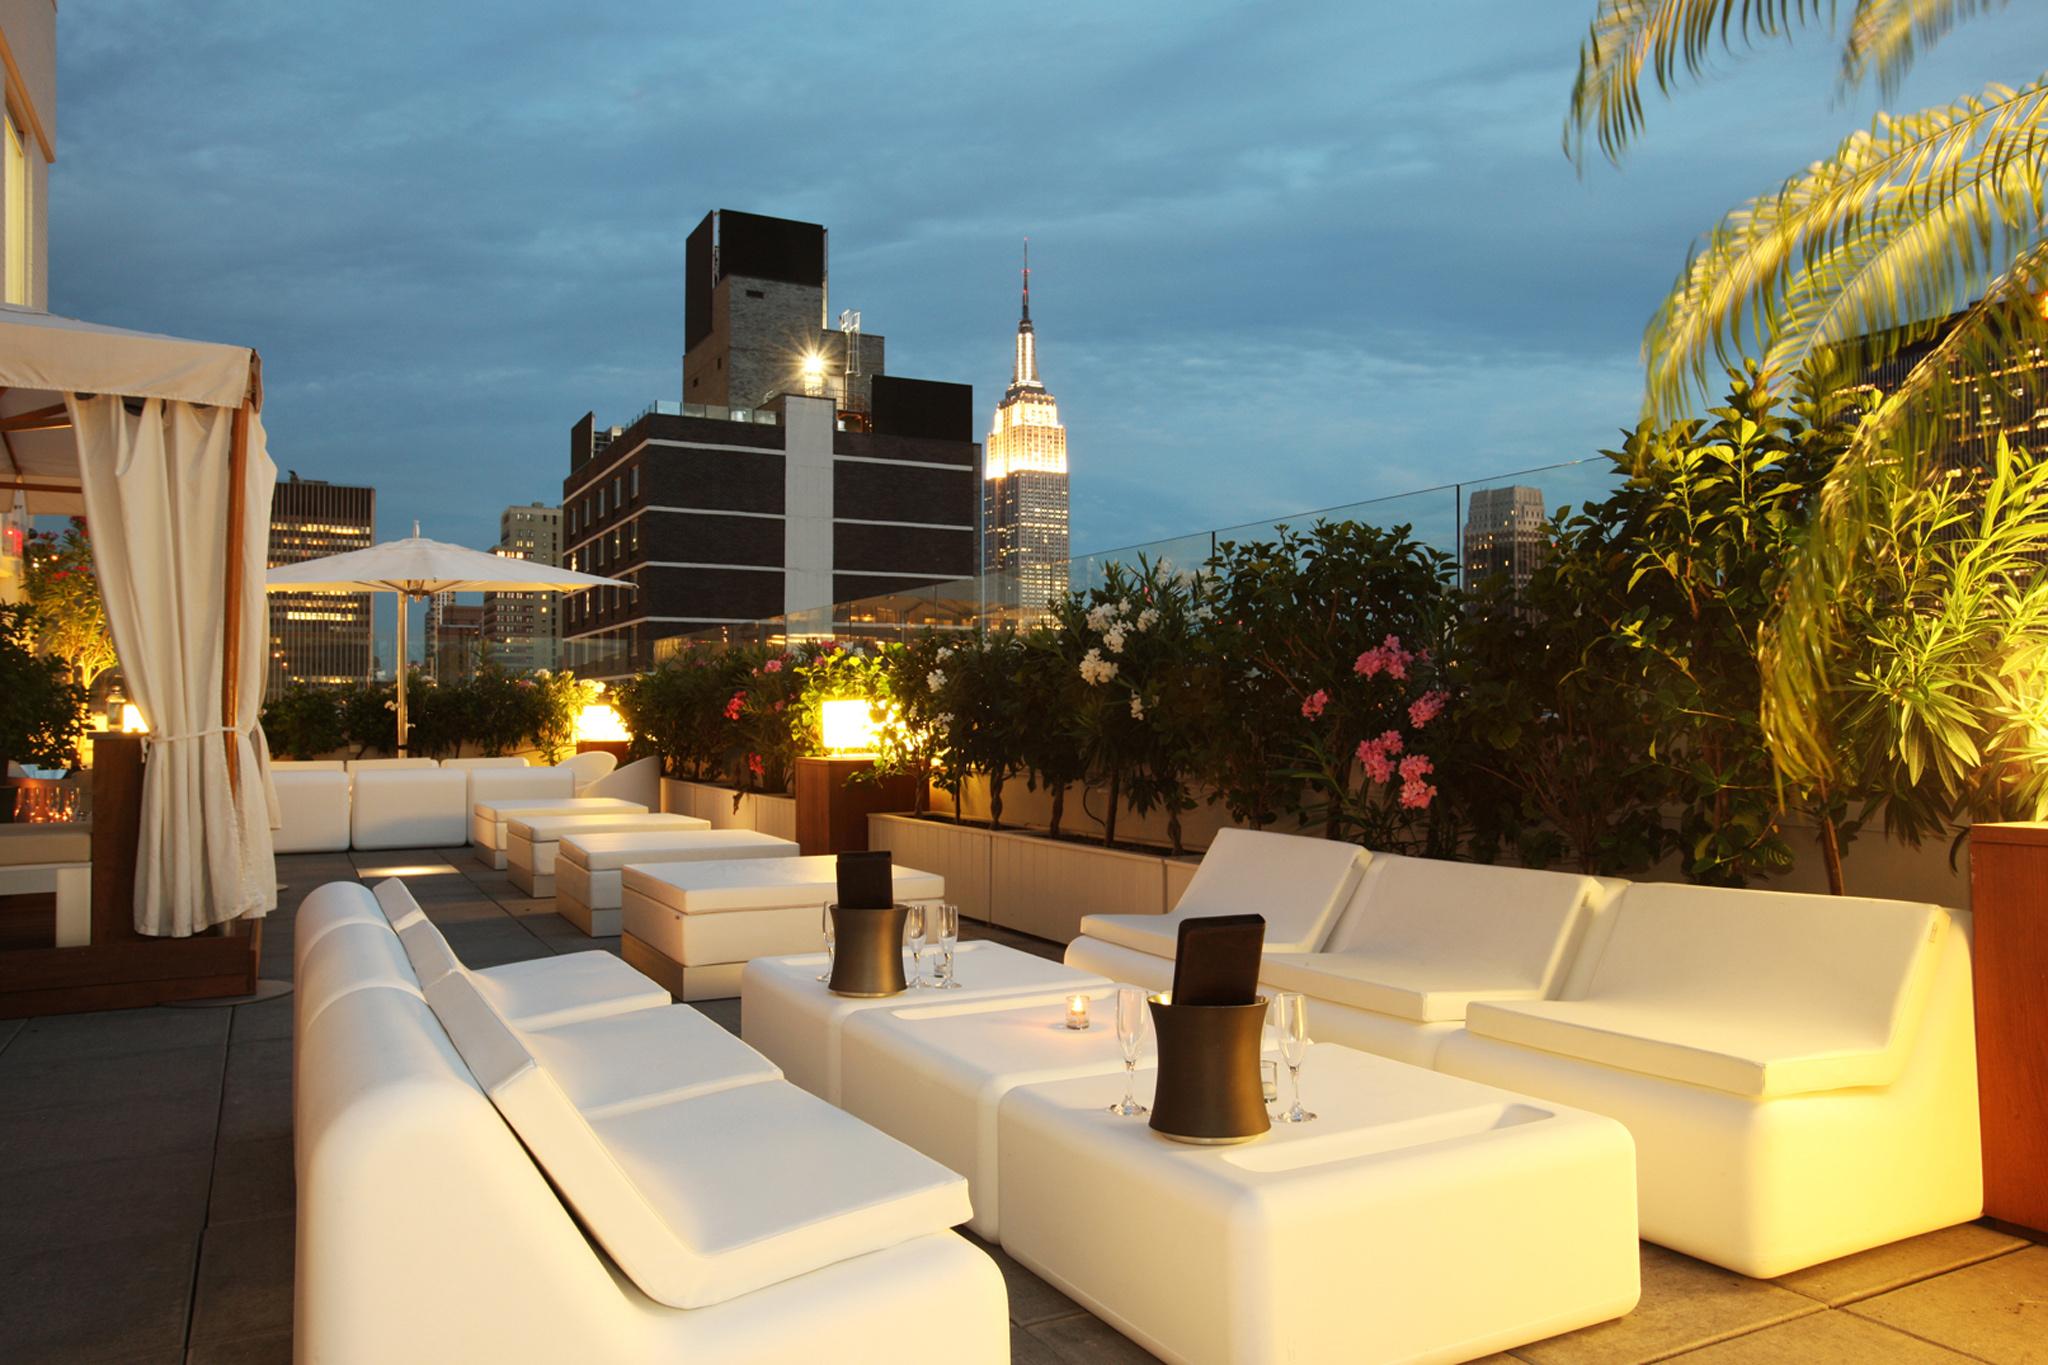 Garden Terrace Inn